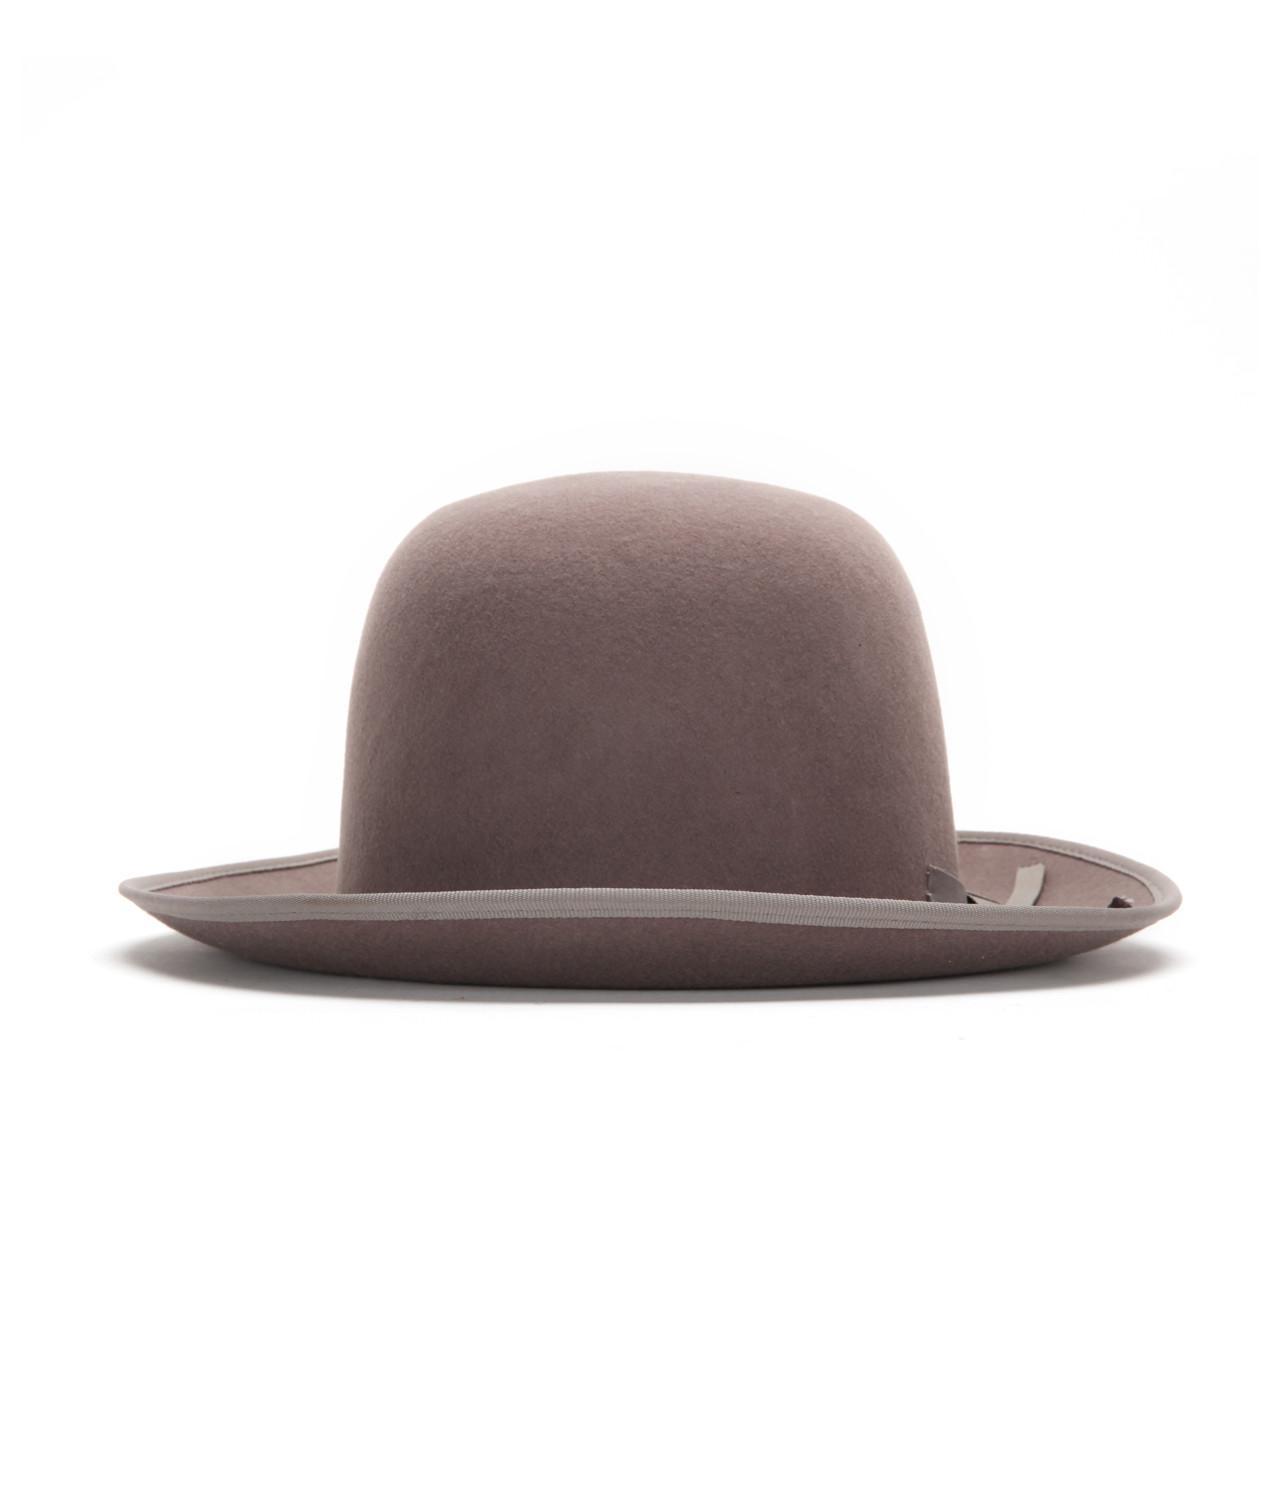 ed9d77a66dd ... get brixton brown wait hat lyst. view fullscreen d1632 cb0f9 ...